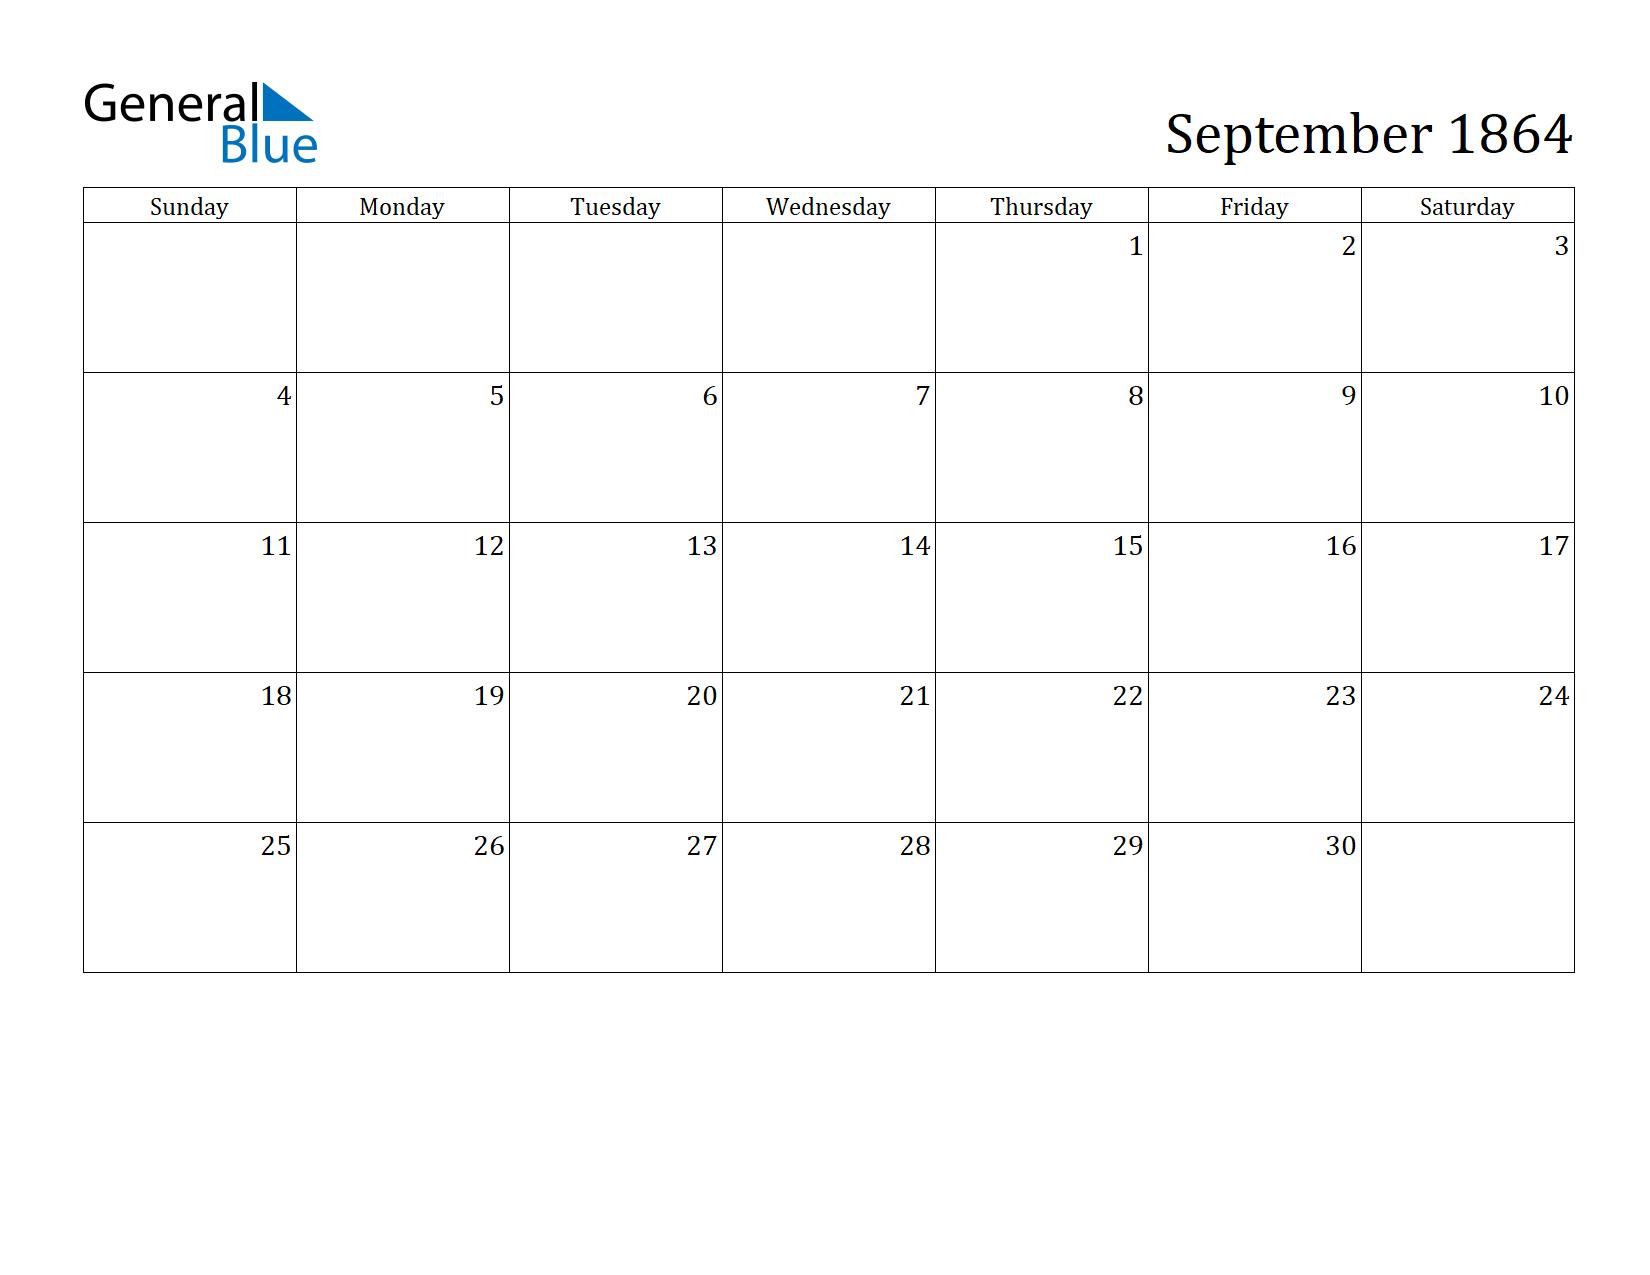 Image of September 1864 Calendar